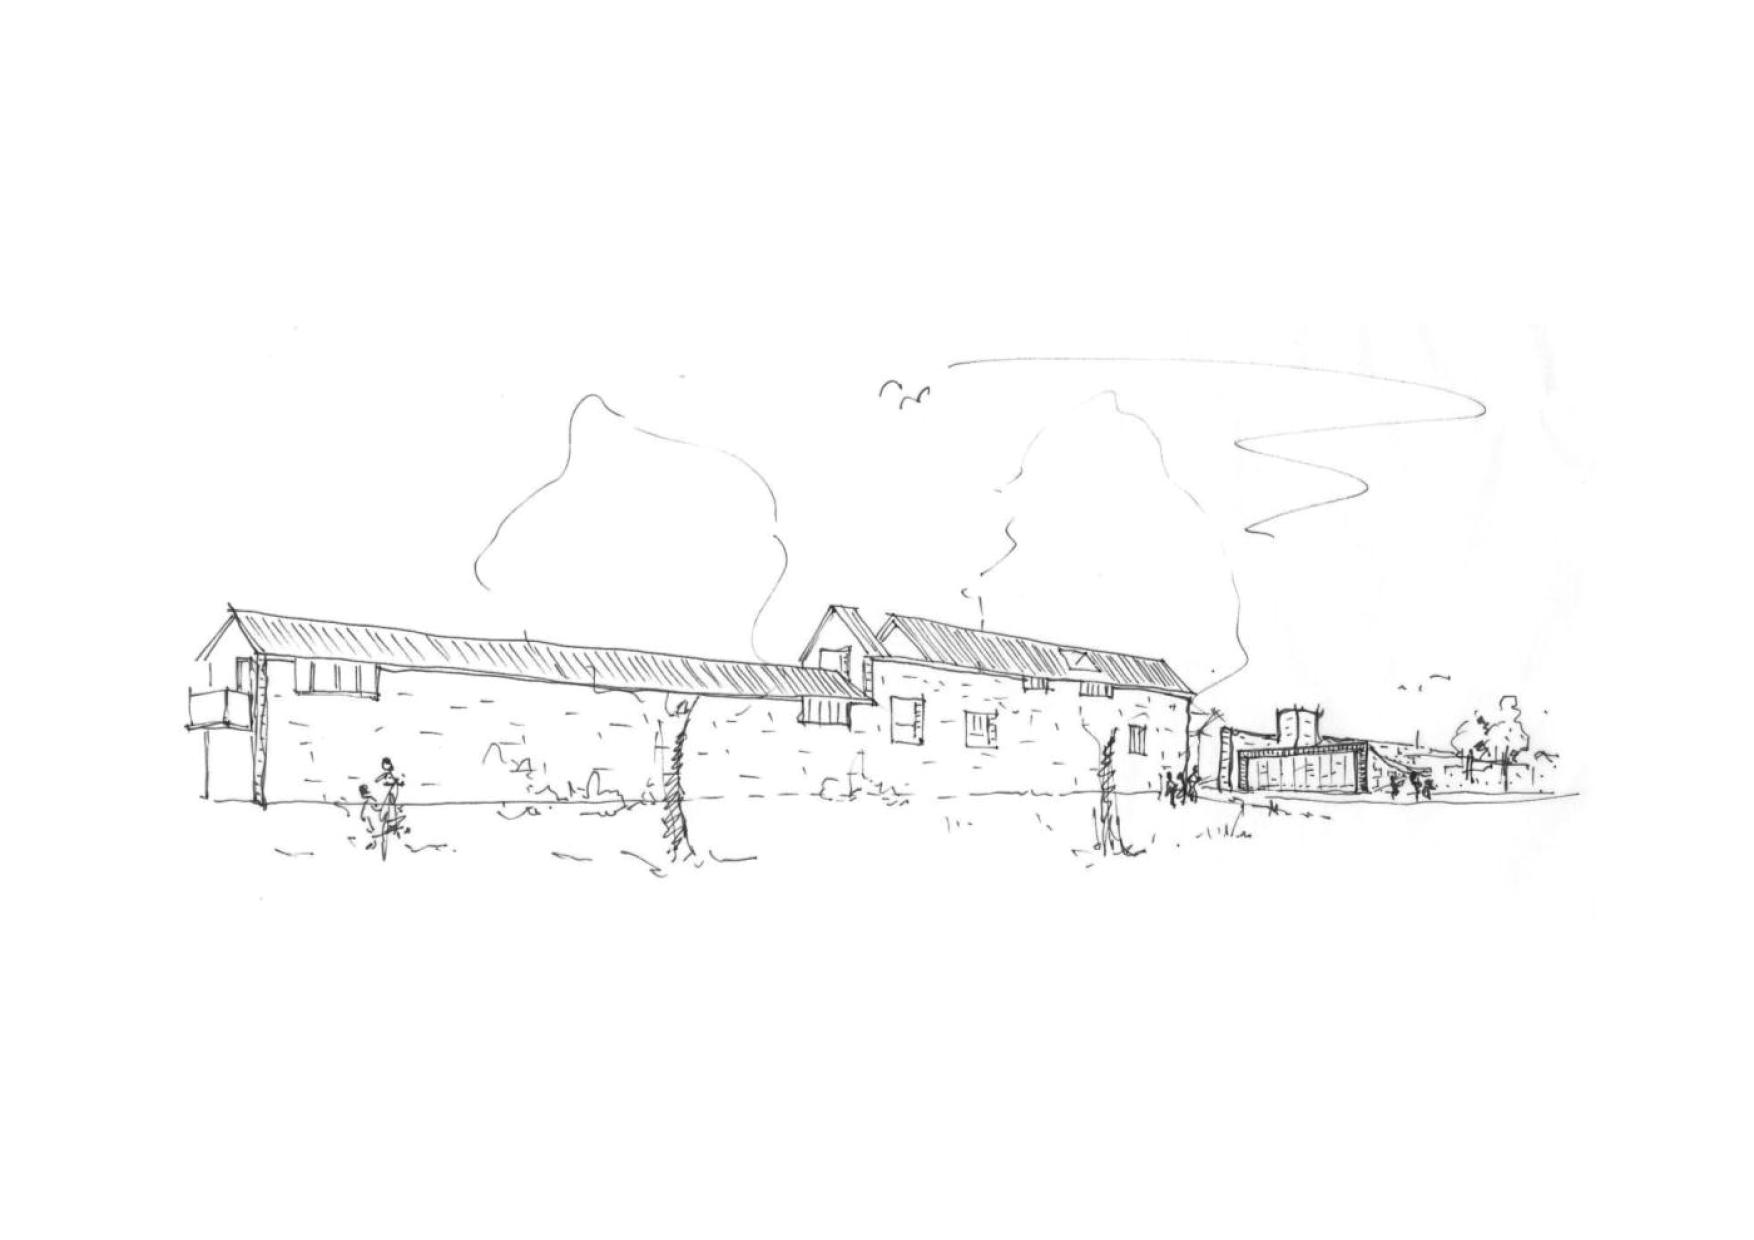 Montabaur Integriertes Städtebauliches Entwicklungskonzept ISEK Vorentwurf Skizze Neubau Biergasse Skizze Entwurf